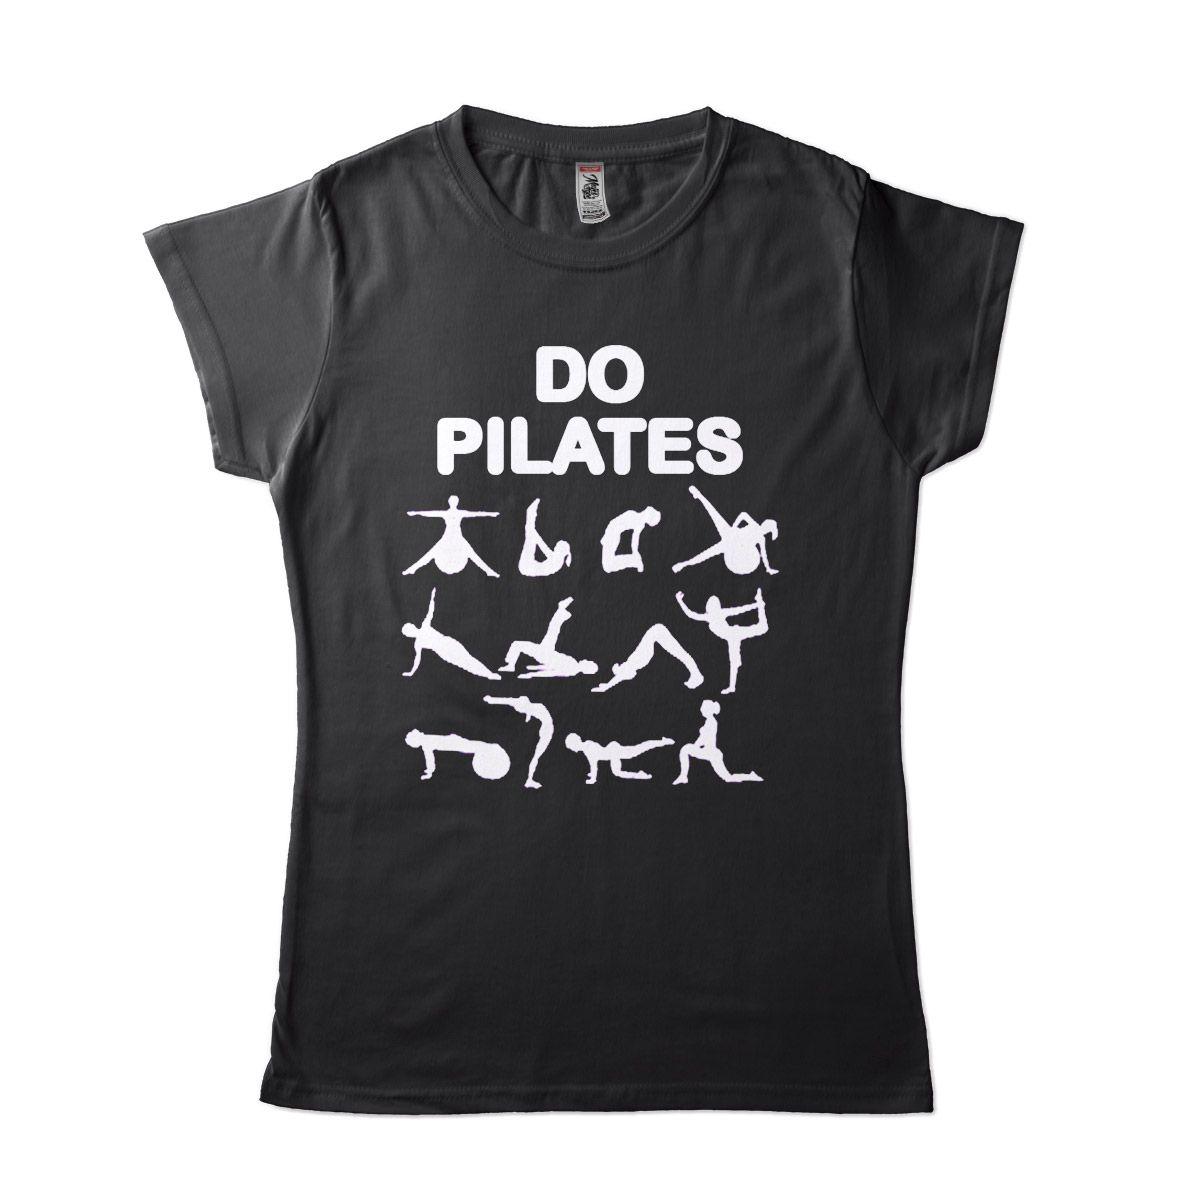 Camiseta Pilates Feminina Posições Postura Equilibrio